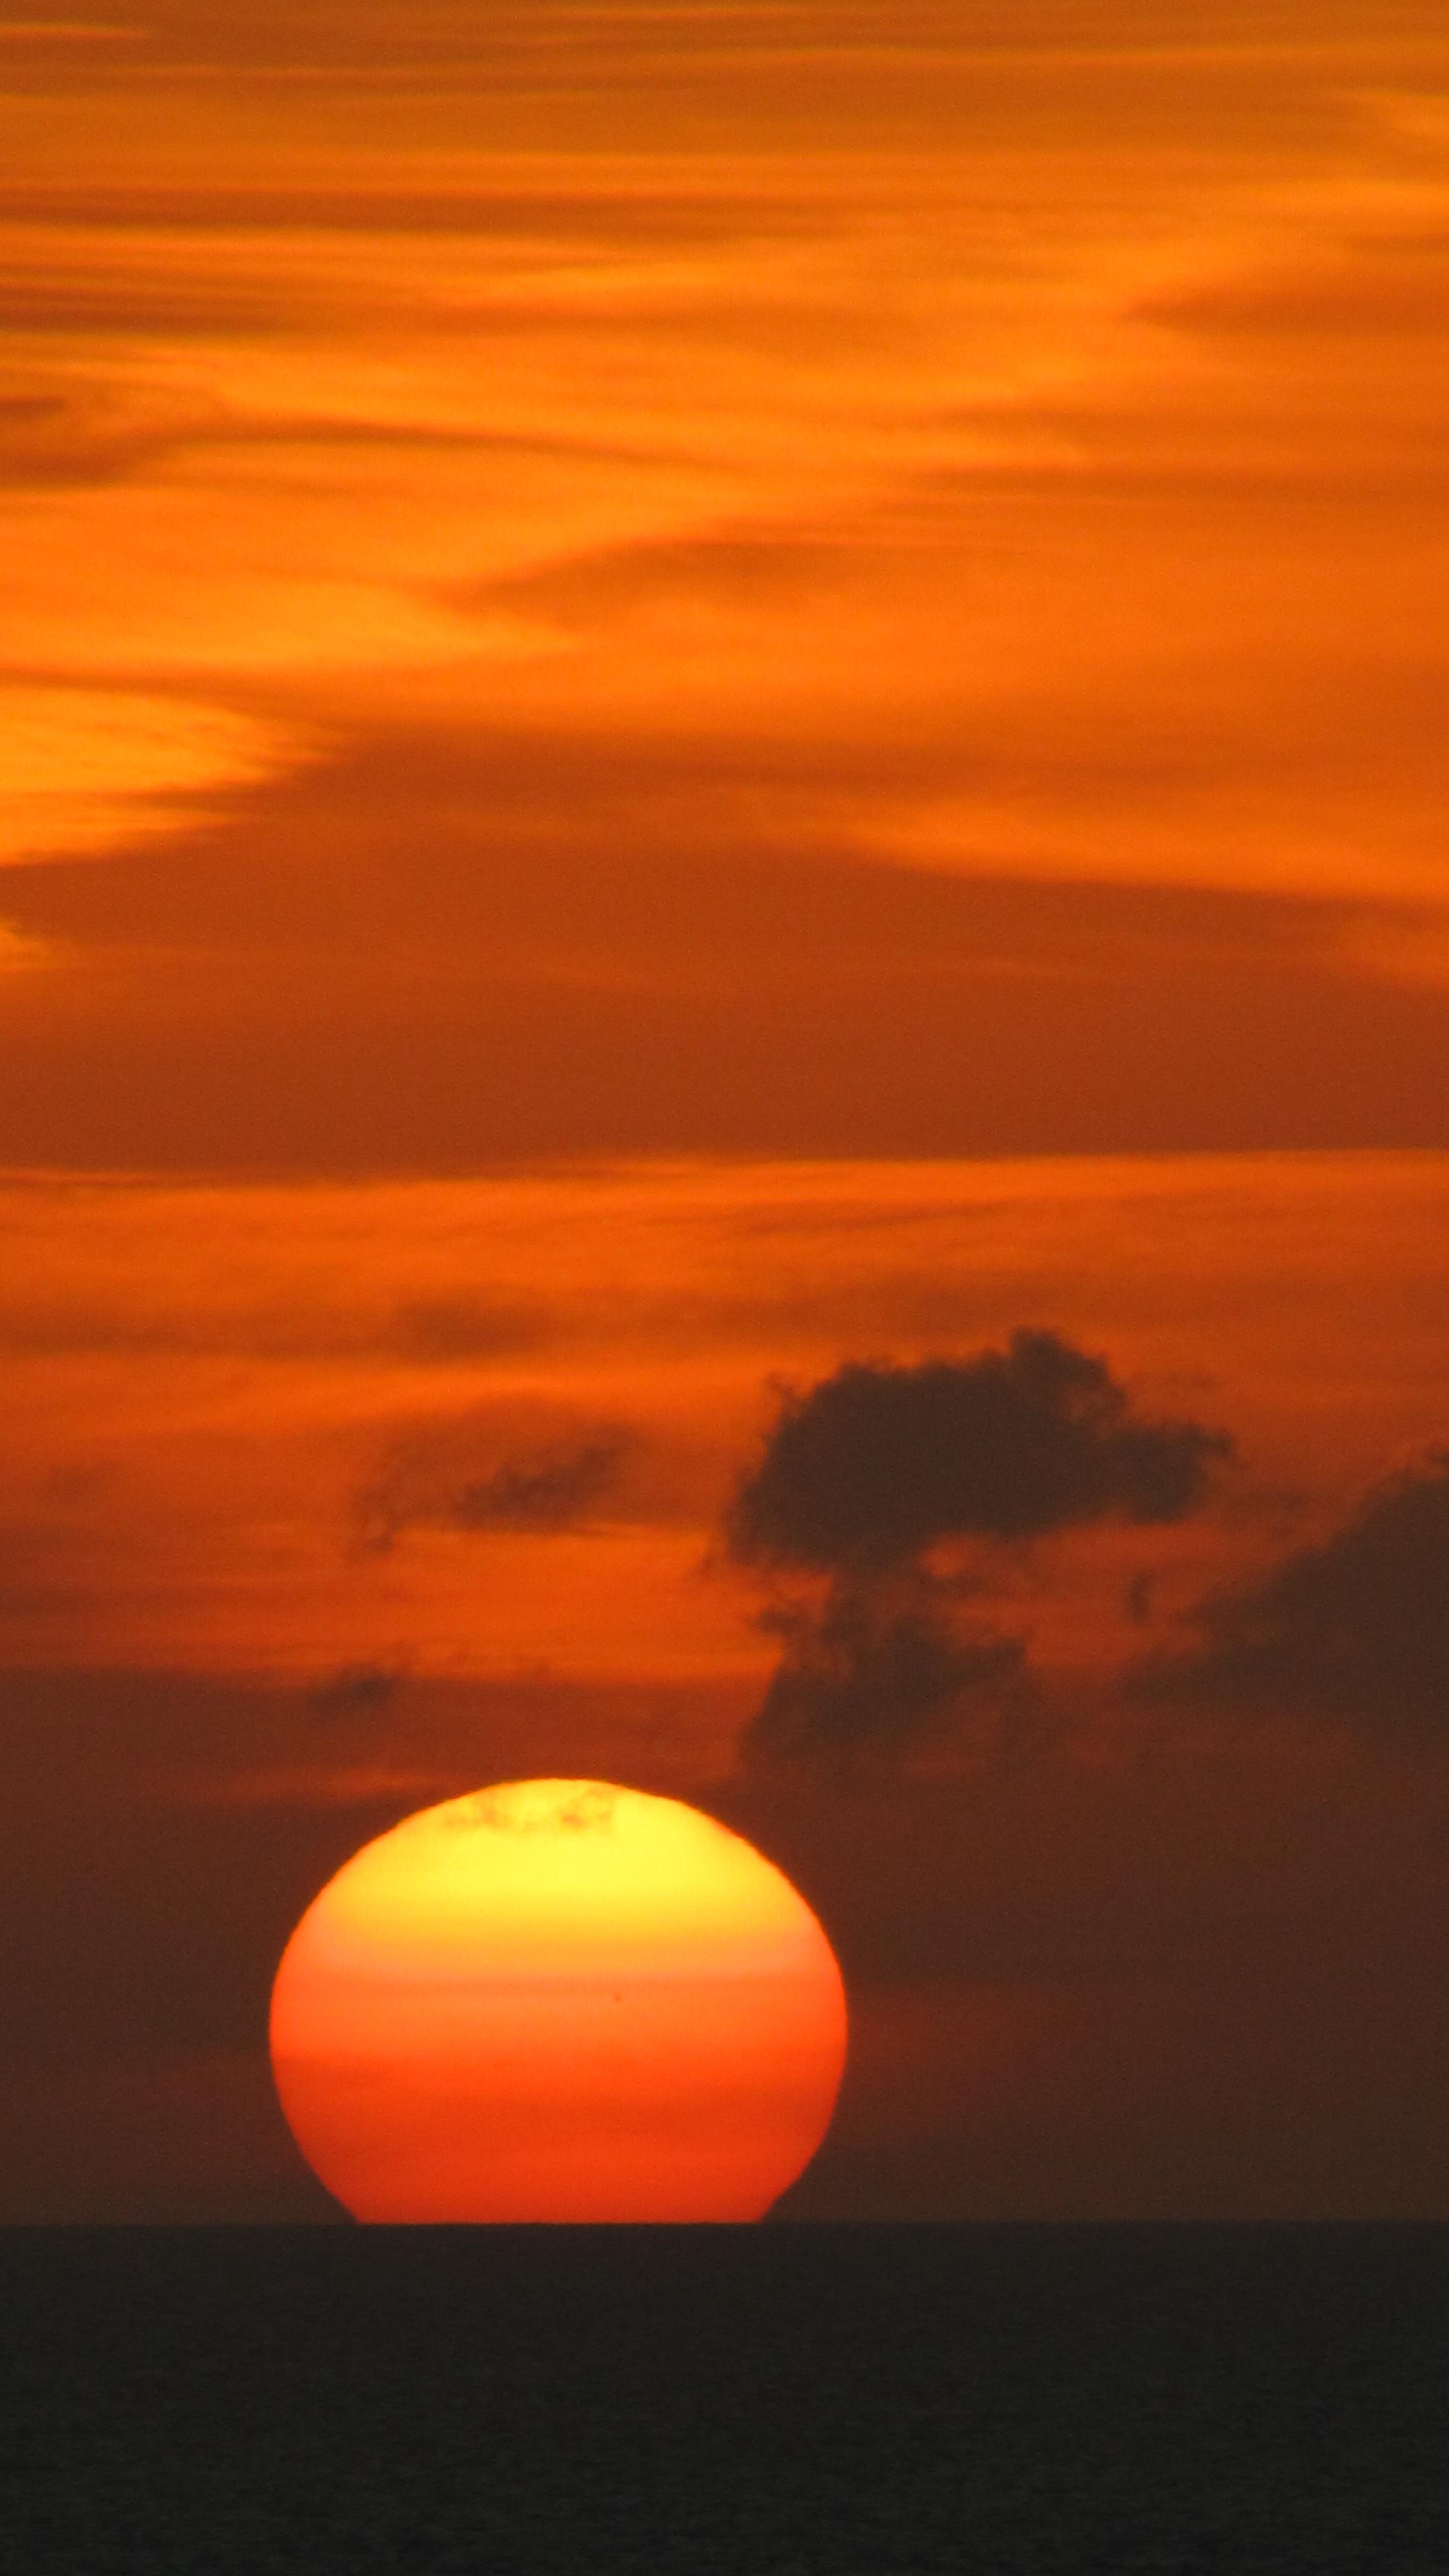 Sunset On Key West - Key West, FL